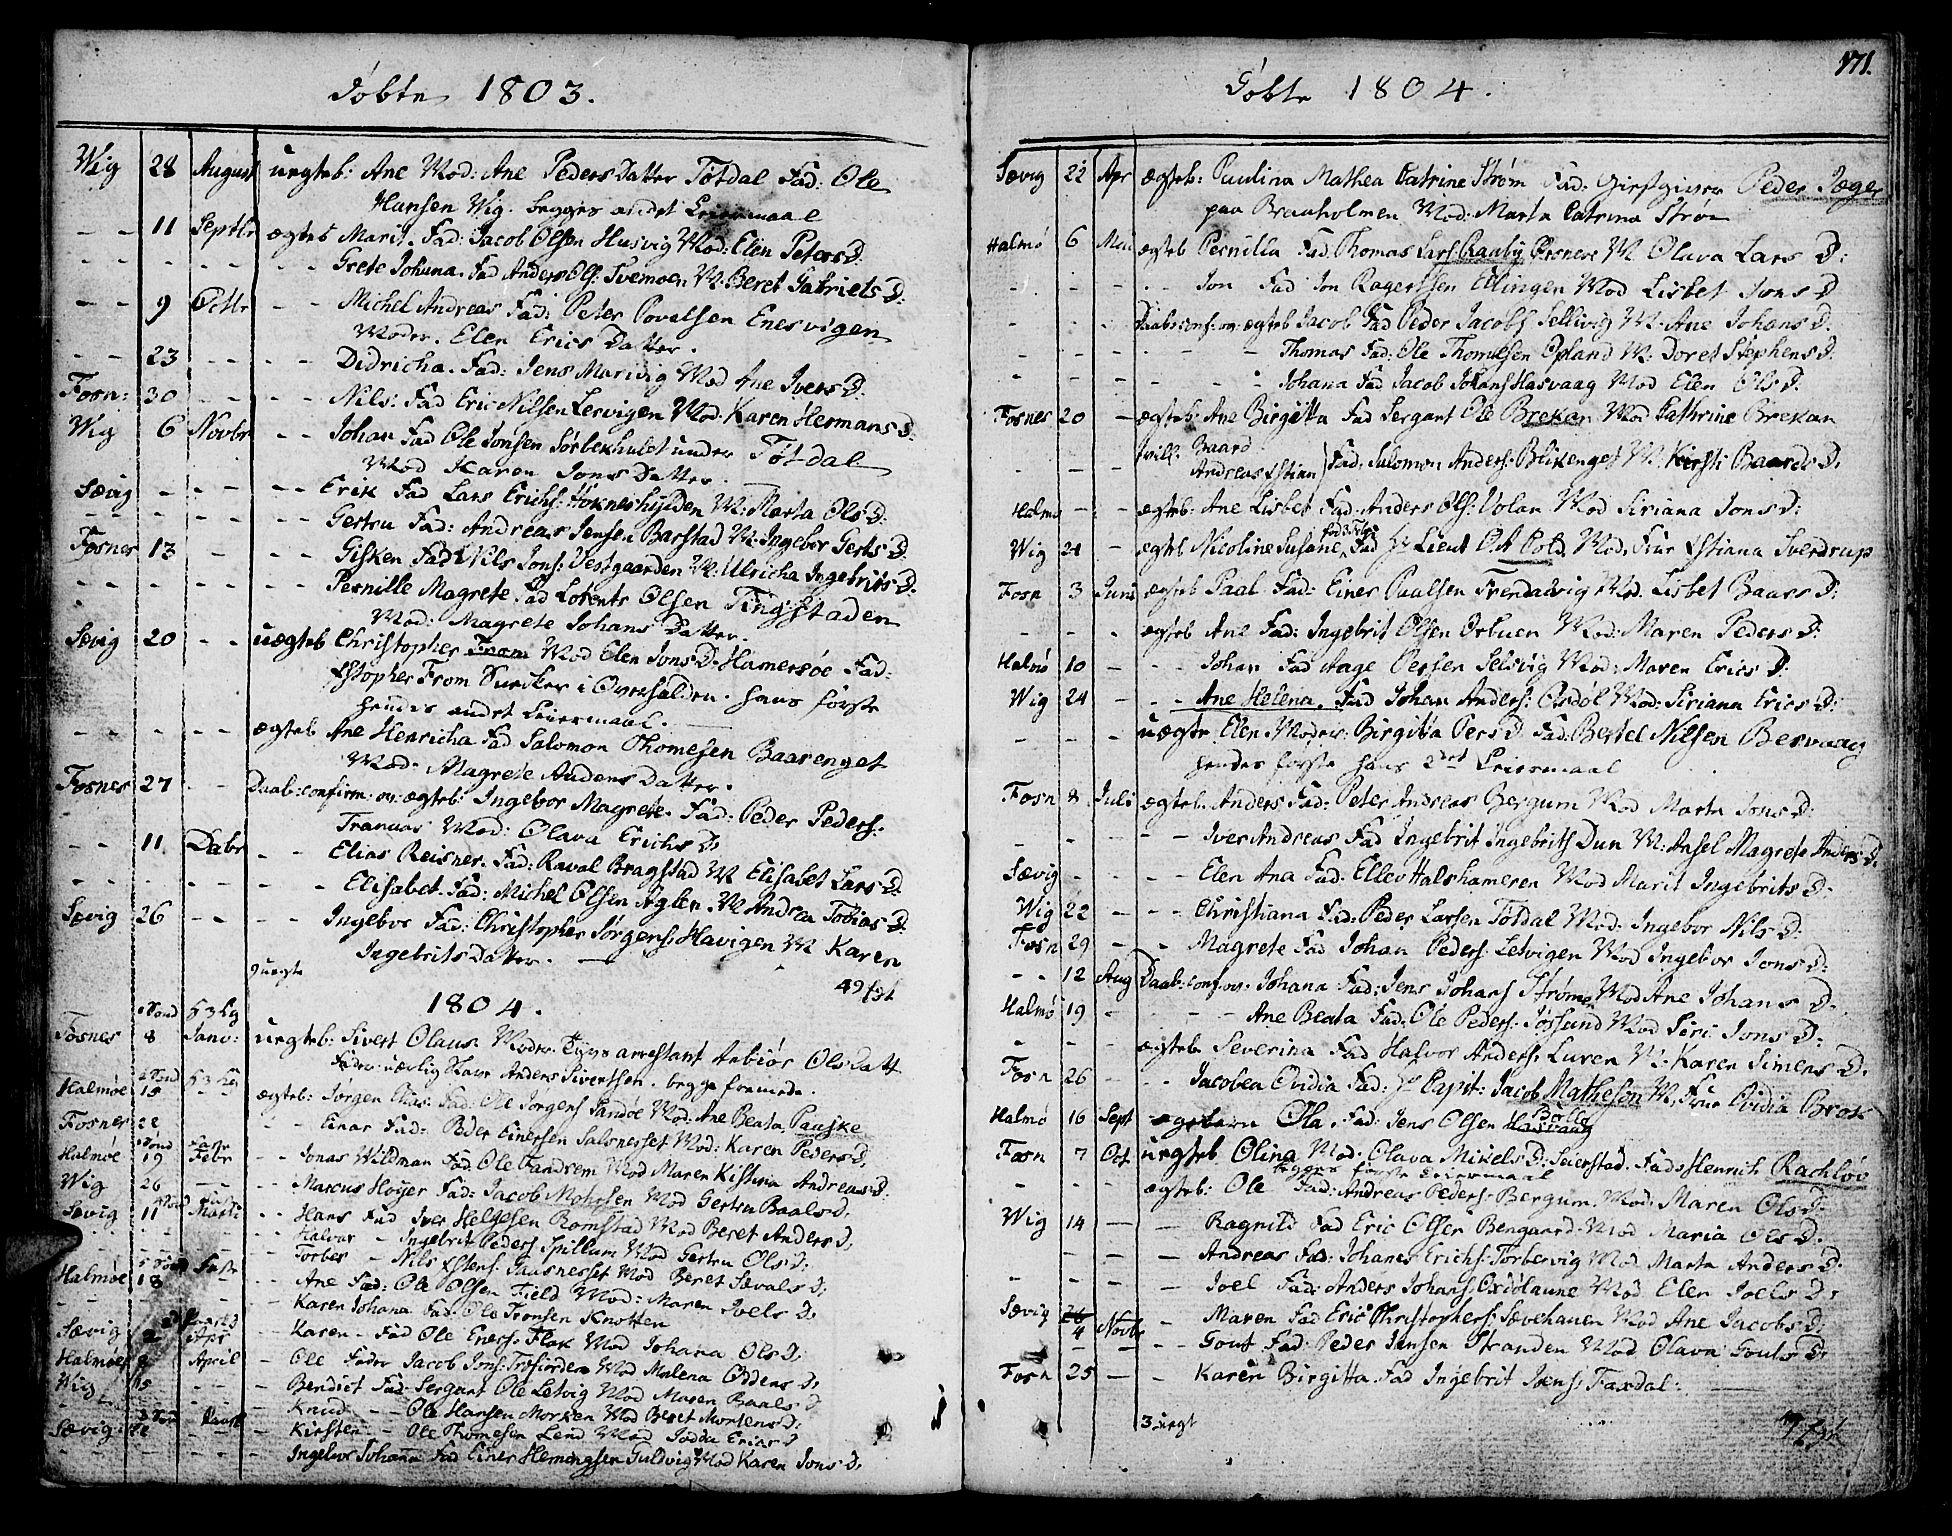 SAT, Ministerialprotokoller, klokkerbøker og fødselsregistre - Nord-Trøndelag, 773/L0608: Ministerialbok nr. 773A02, 1784-1816, s. 171